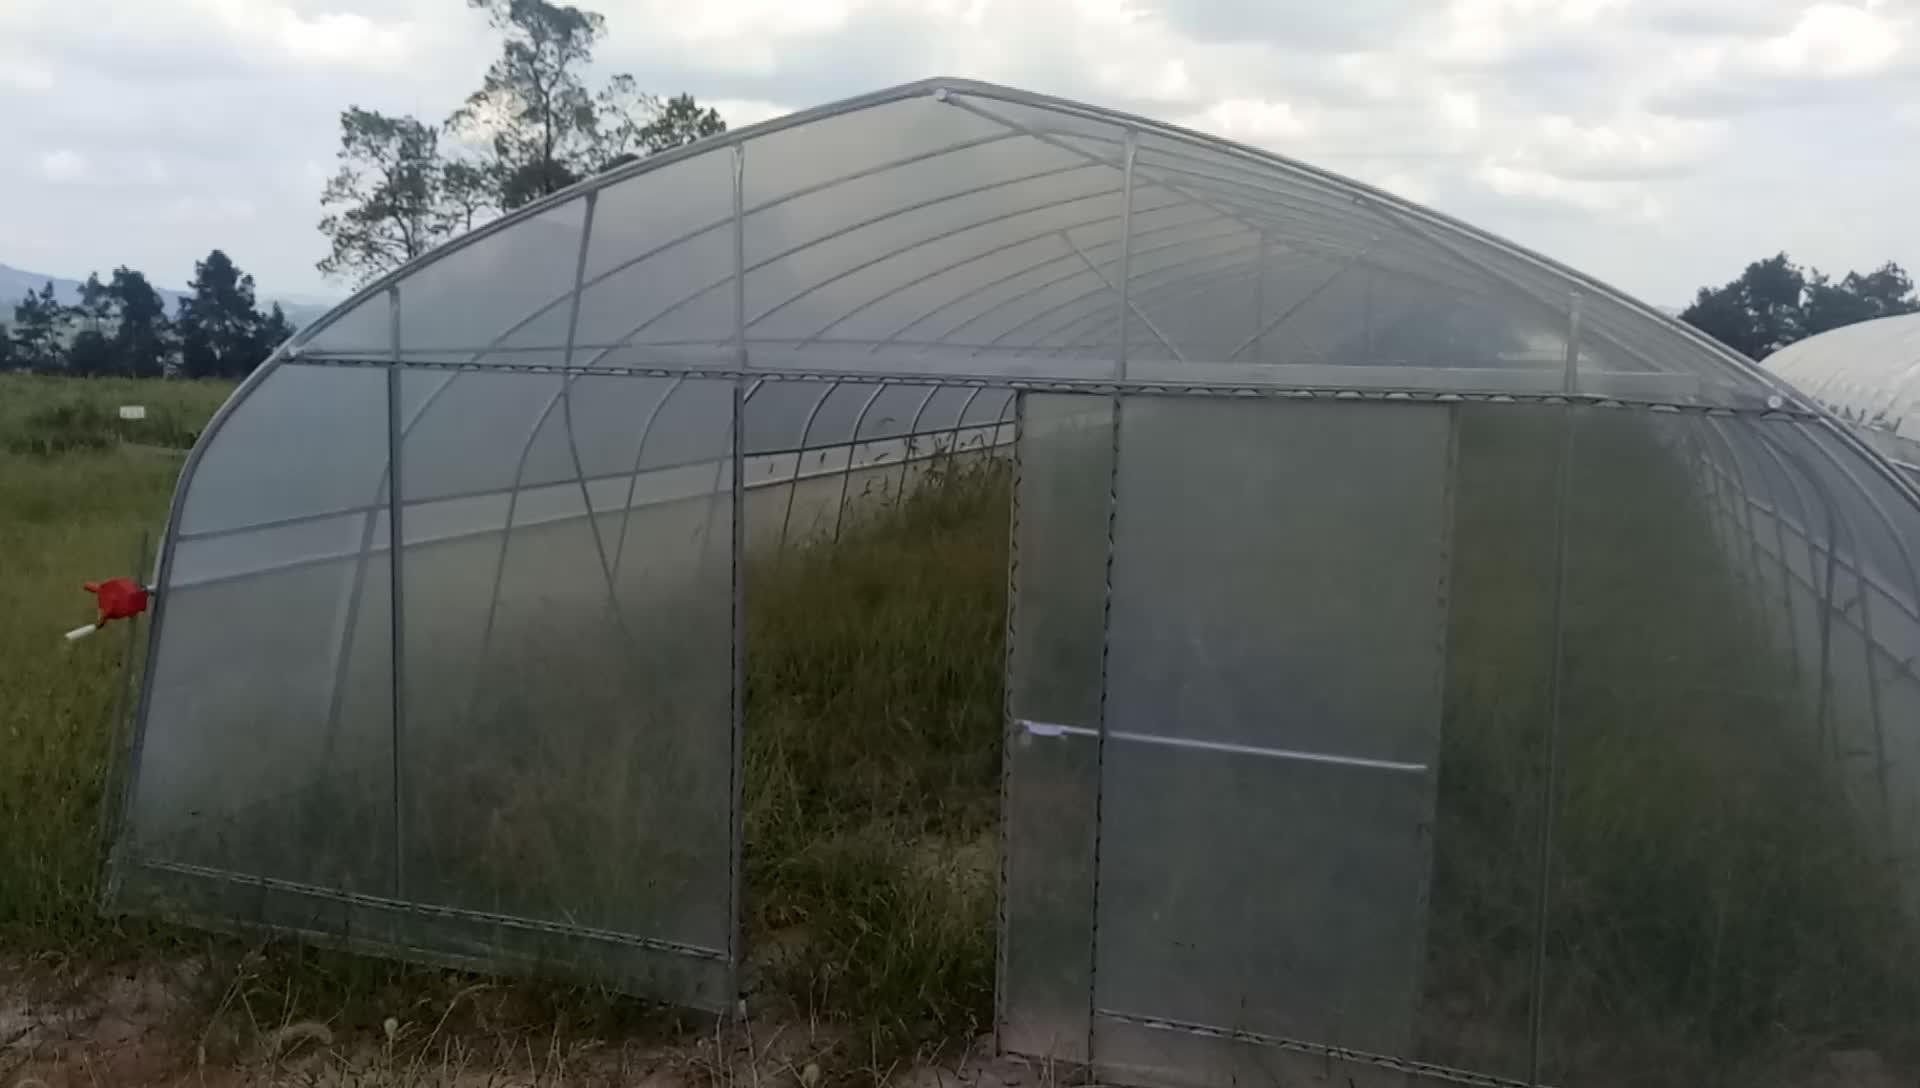 200 Mikron UV-beständiger Kunststoff-Gewächshaus